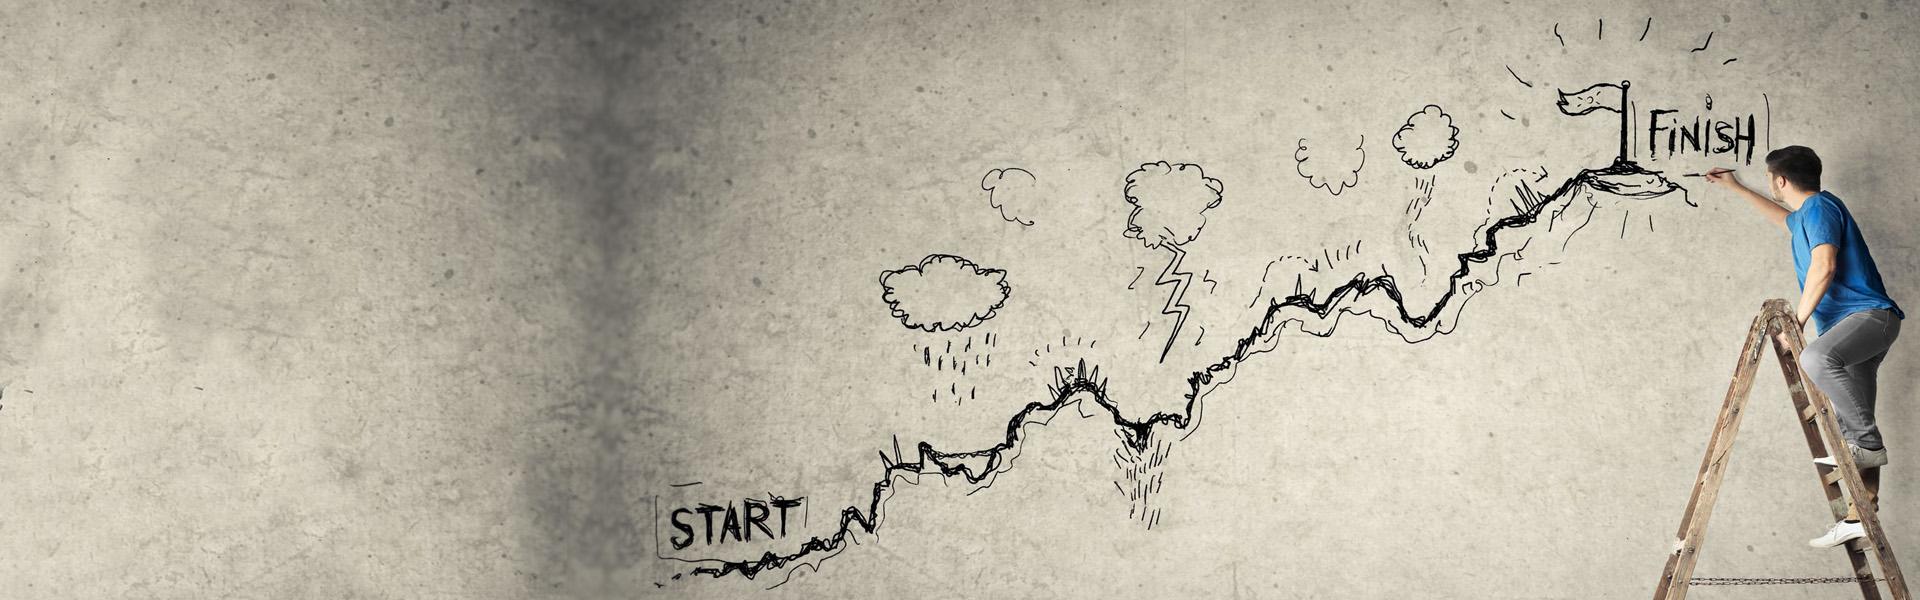 Grafika przedstawiająca mężczyznę stojącego na drabinie, rysującego na szarej ścianie zarys góry. Na dole góry znajduje się napis Start a na górze napis Finish